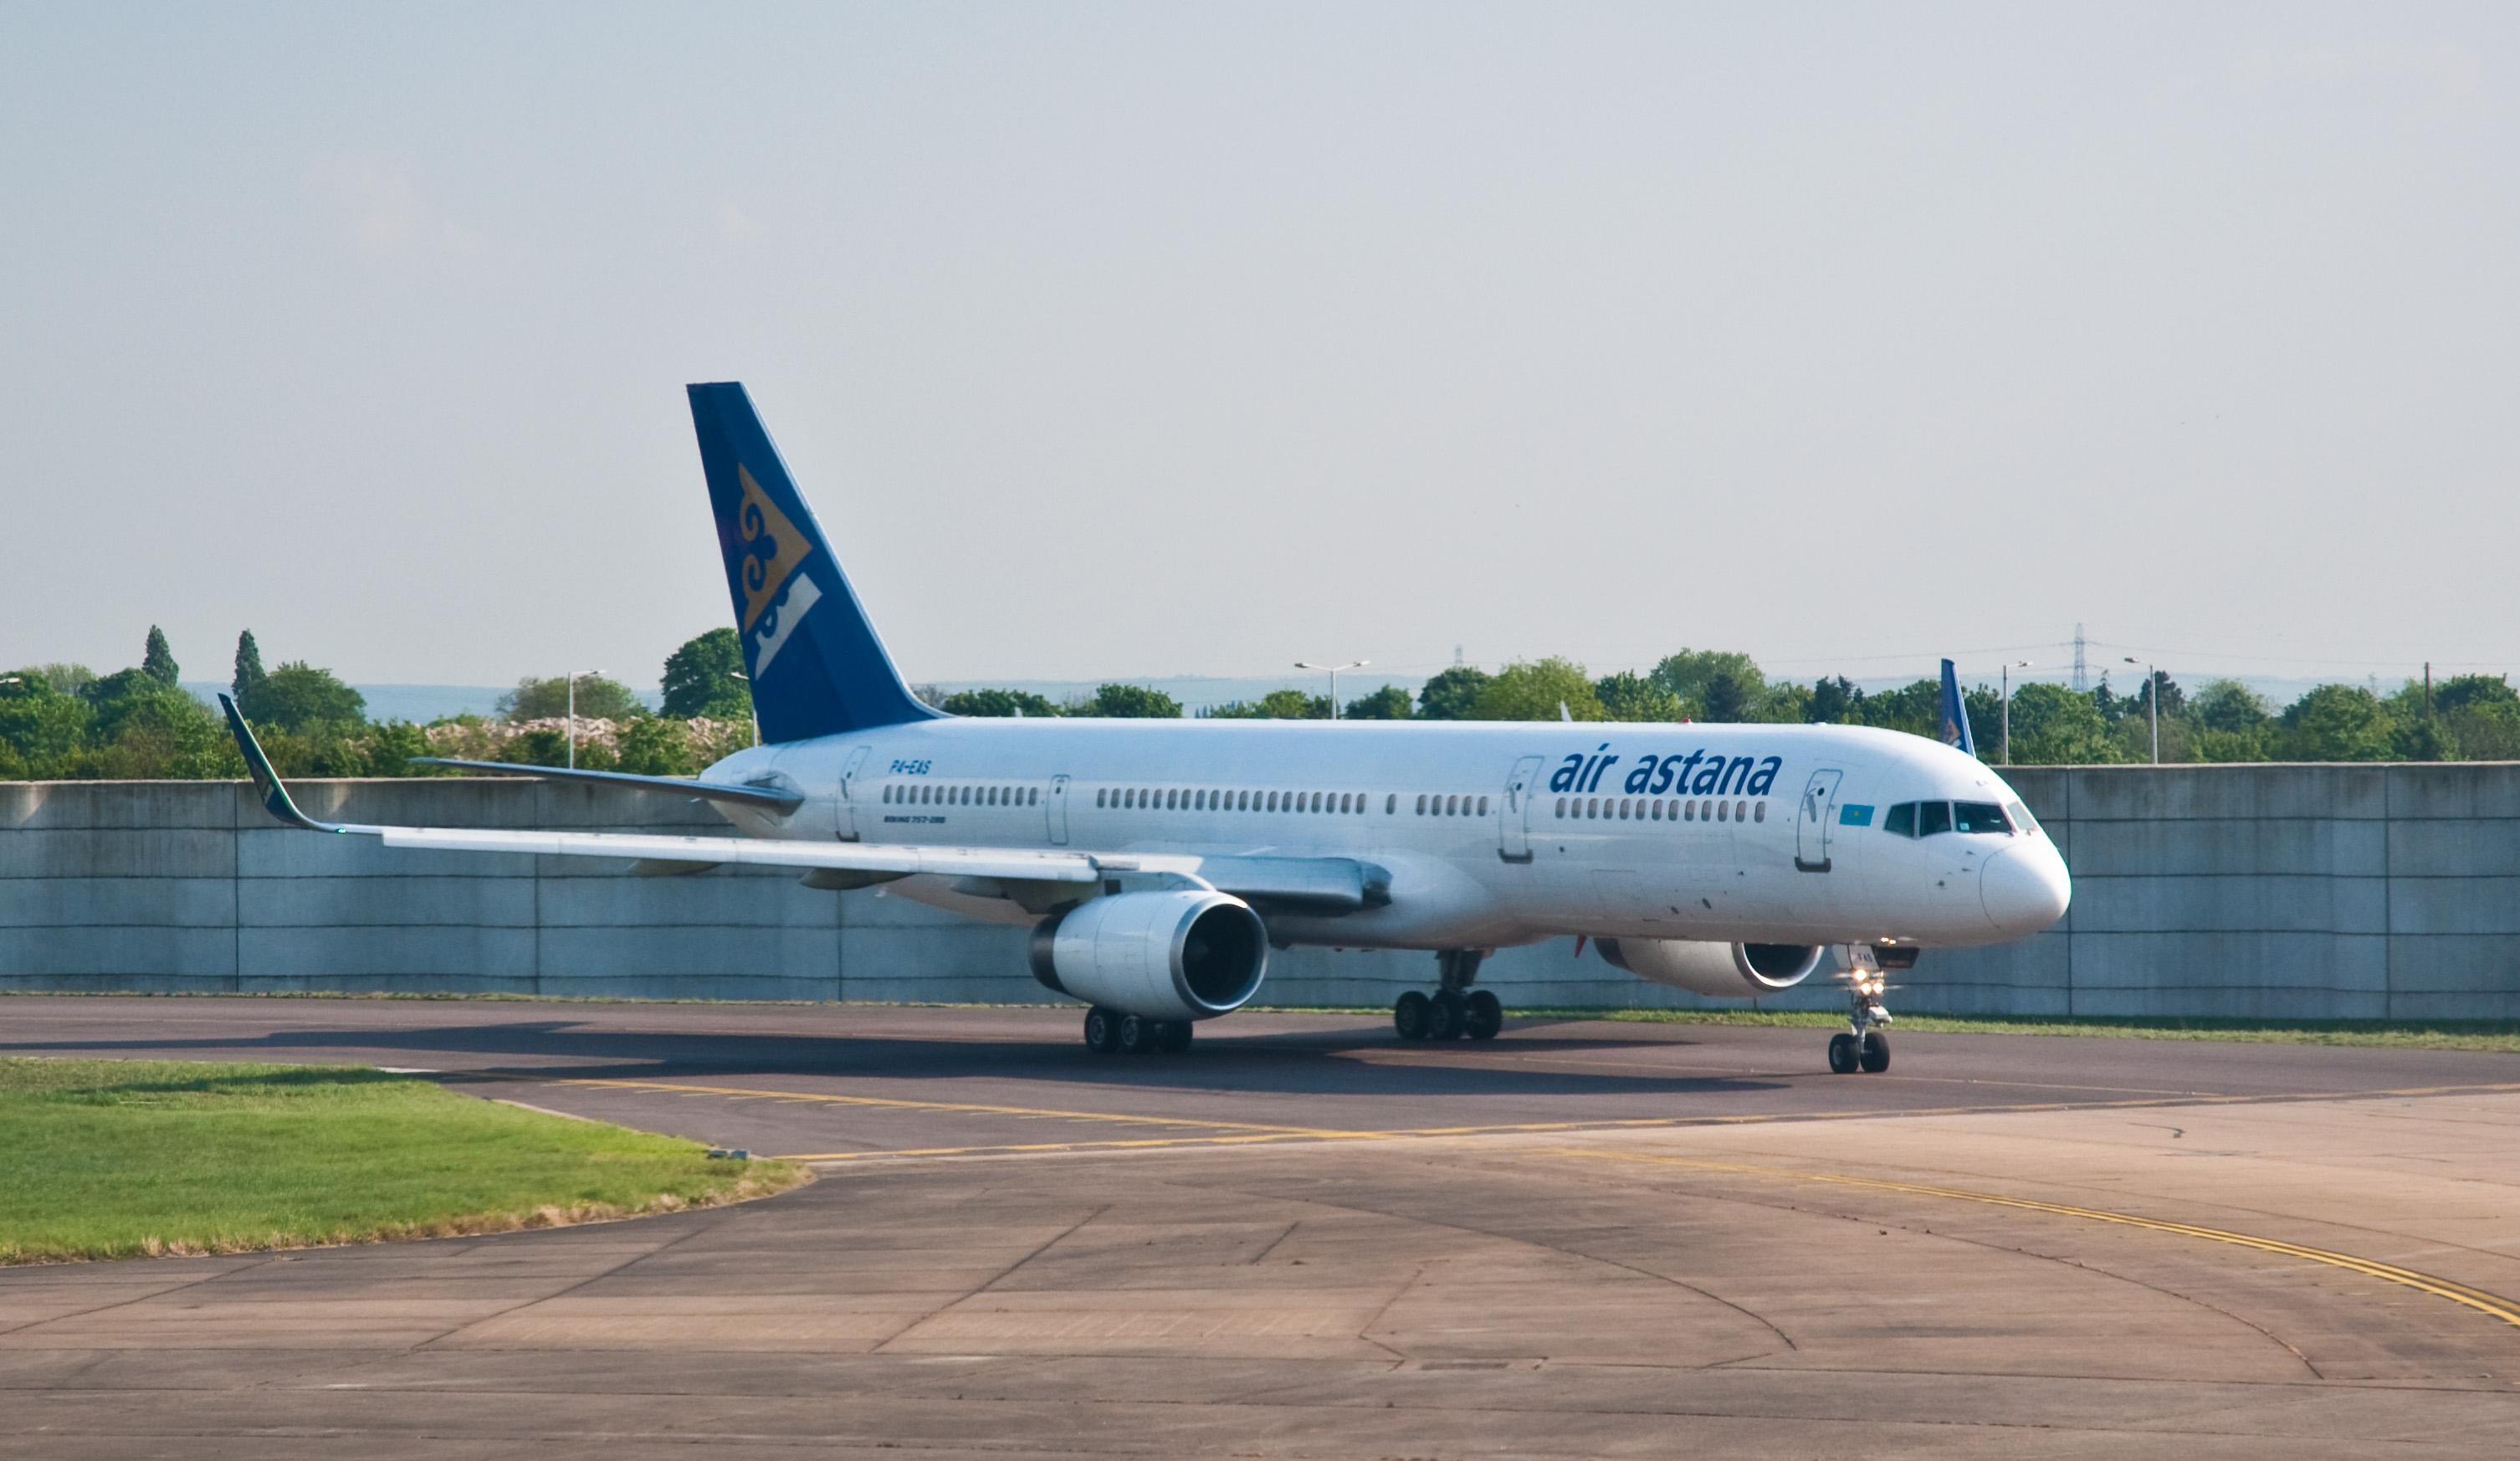 Description Air Astana Boeing 757-200 P4-EAS London Heathrow Airport ...